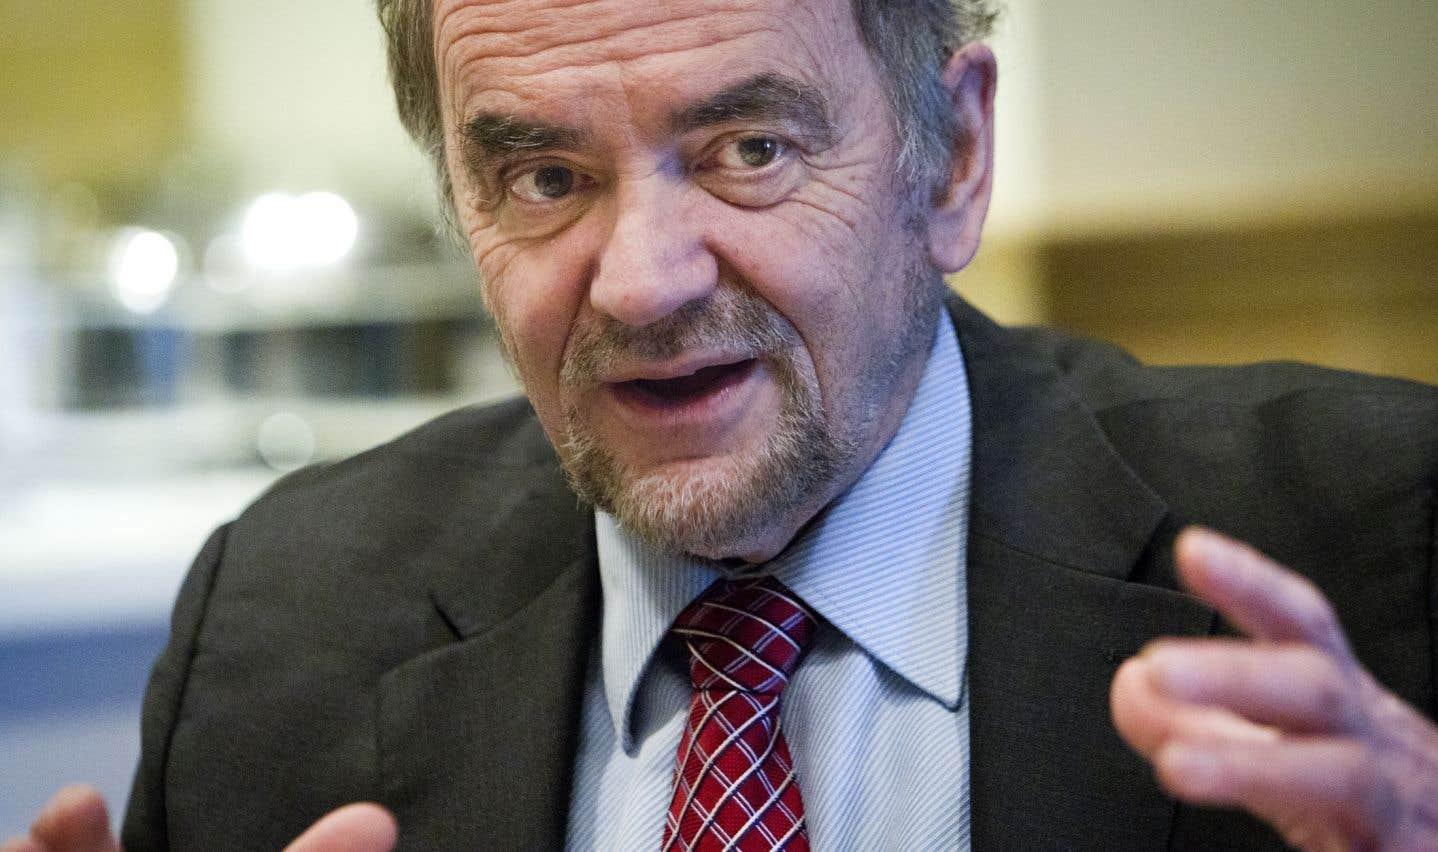 Le directeur général de l'Institut sur la gouvernance d'organisations privées et publiques (IGOPP), Michel Nadeau, a donné mercredi son appui à titre de citoyen.